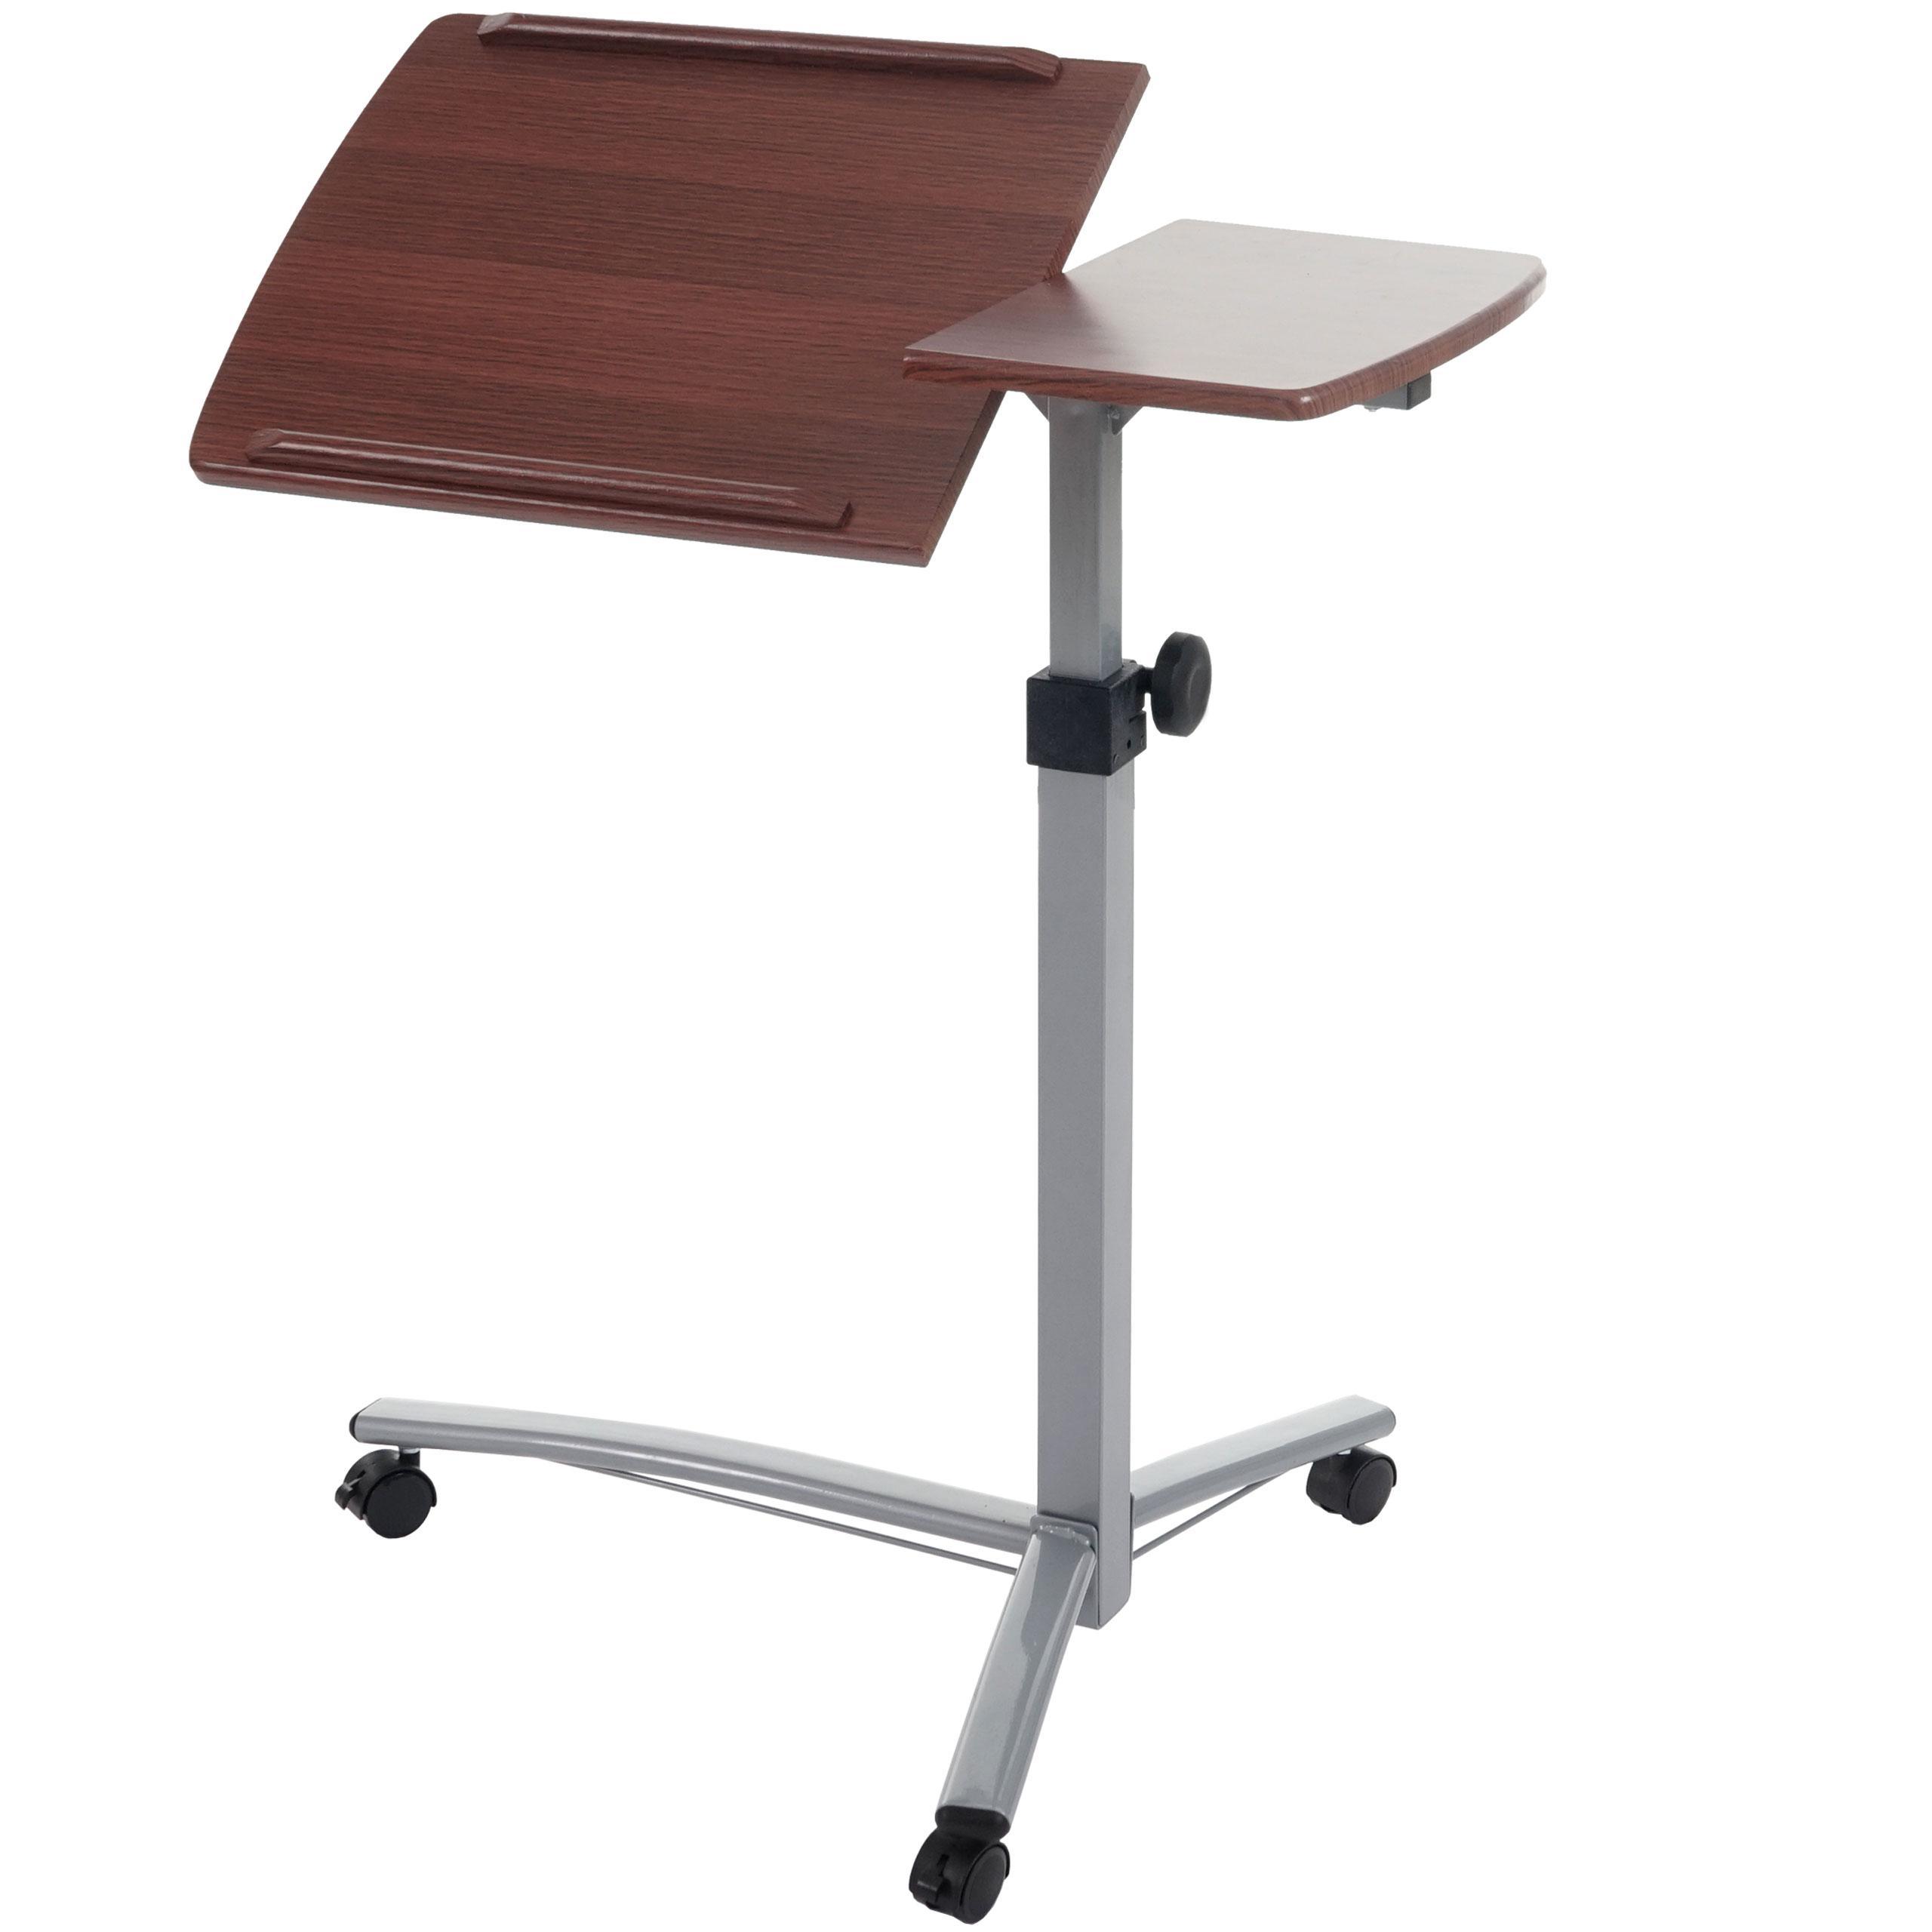 Tavolino leggio stand altezza regolabile con ruote ripiano in legno color noce tavolino - Leggio da letto ikea ...